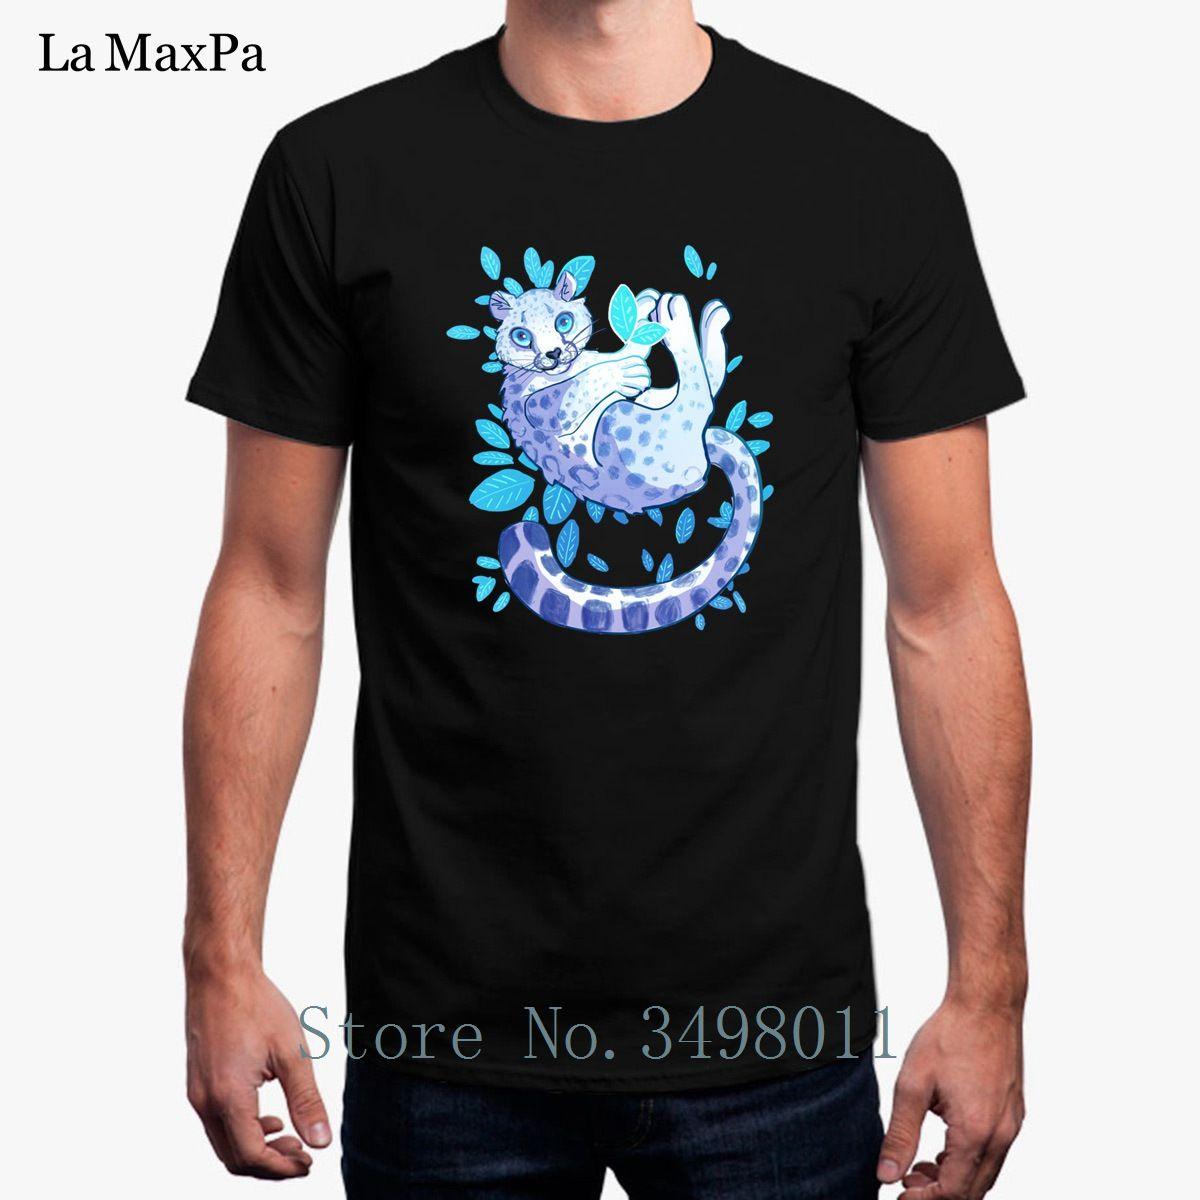 Camiseta de leopardo de nieve de alta calidad de los hombres del traje de la camiseta 100% algodón camiseta de los hombres frescos de manga corta más tapas del diseño del tamaño